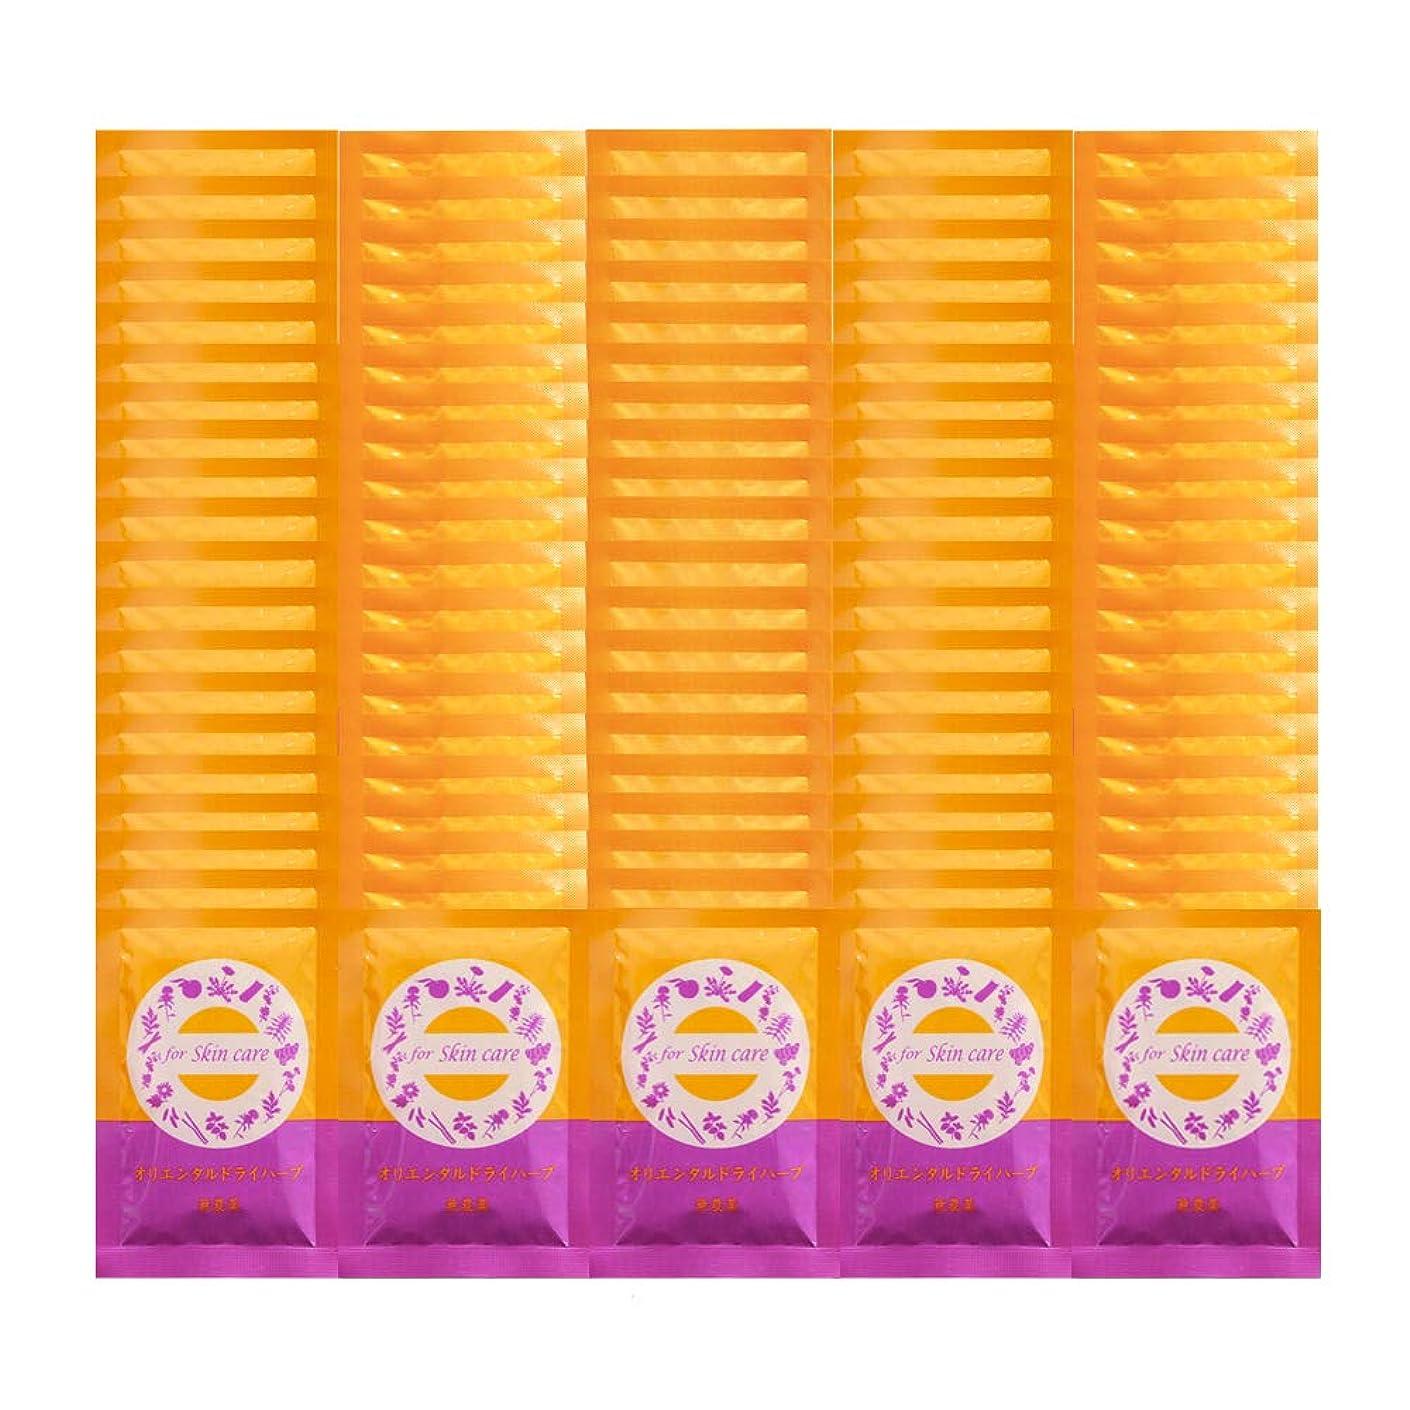 継承ピニオン抽象韓方座浴剤 100包 セット ファンジン (皮膚美容用100包)